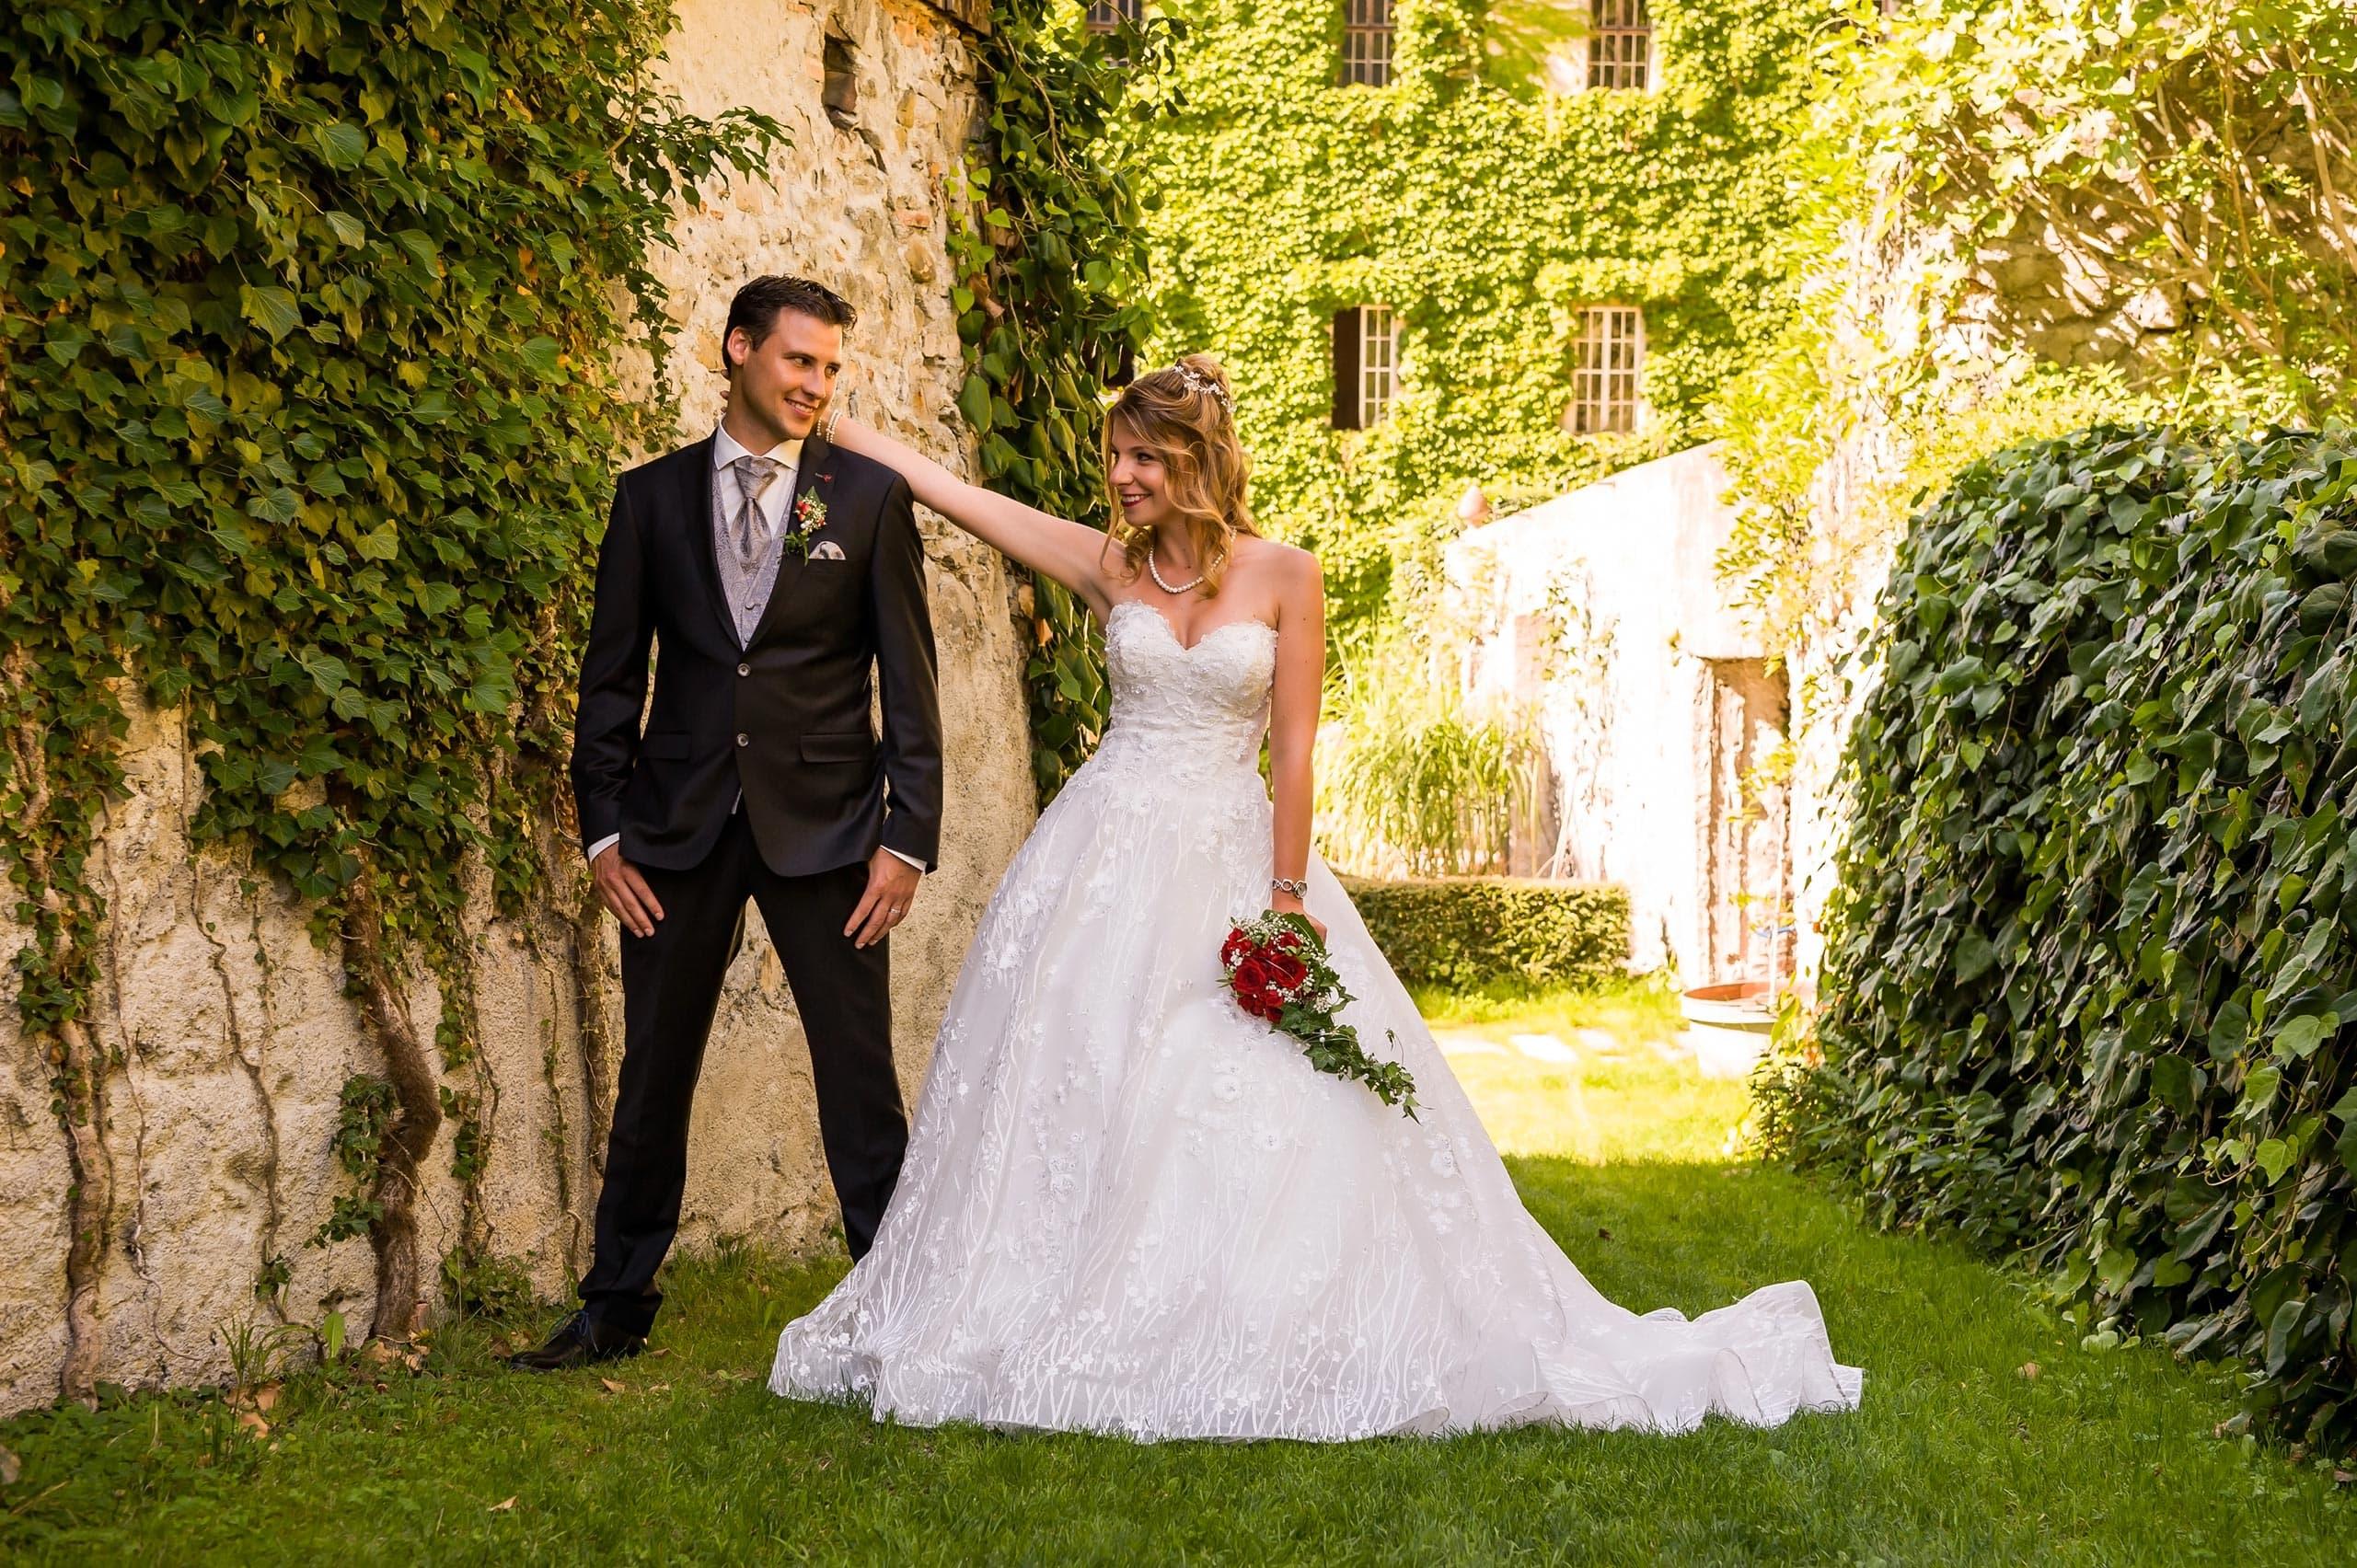 Hochzeitsfotografie Vorarlberg Monika Kessler zeigt Hochzeitsfotos